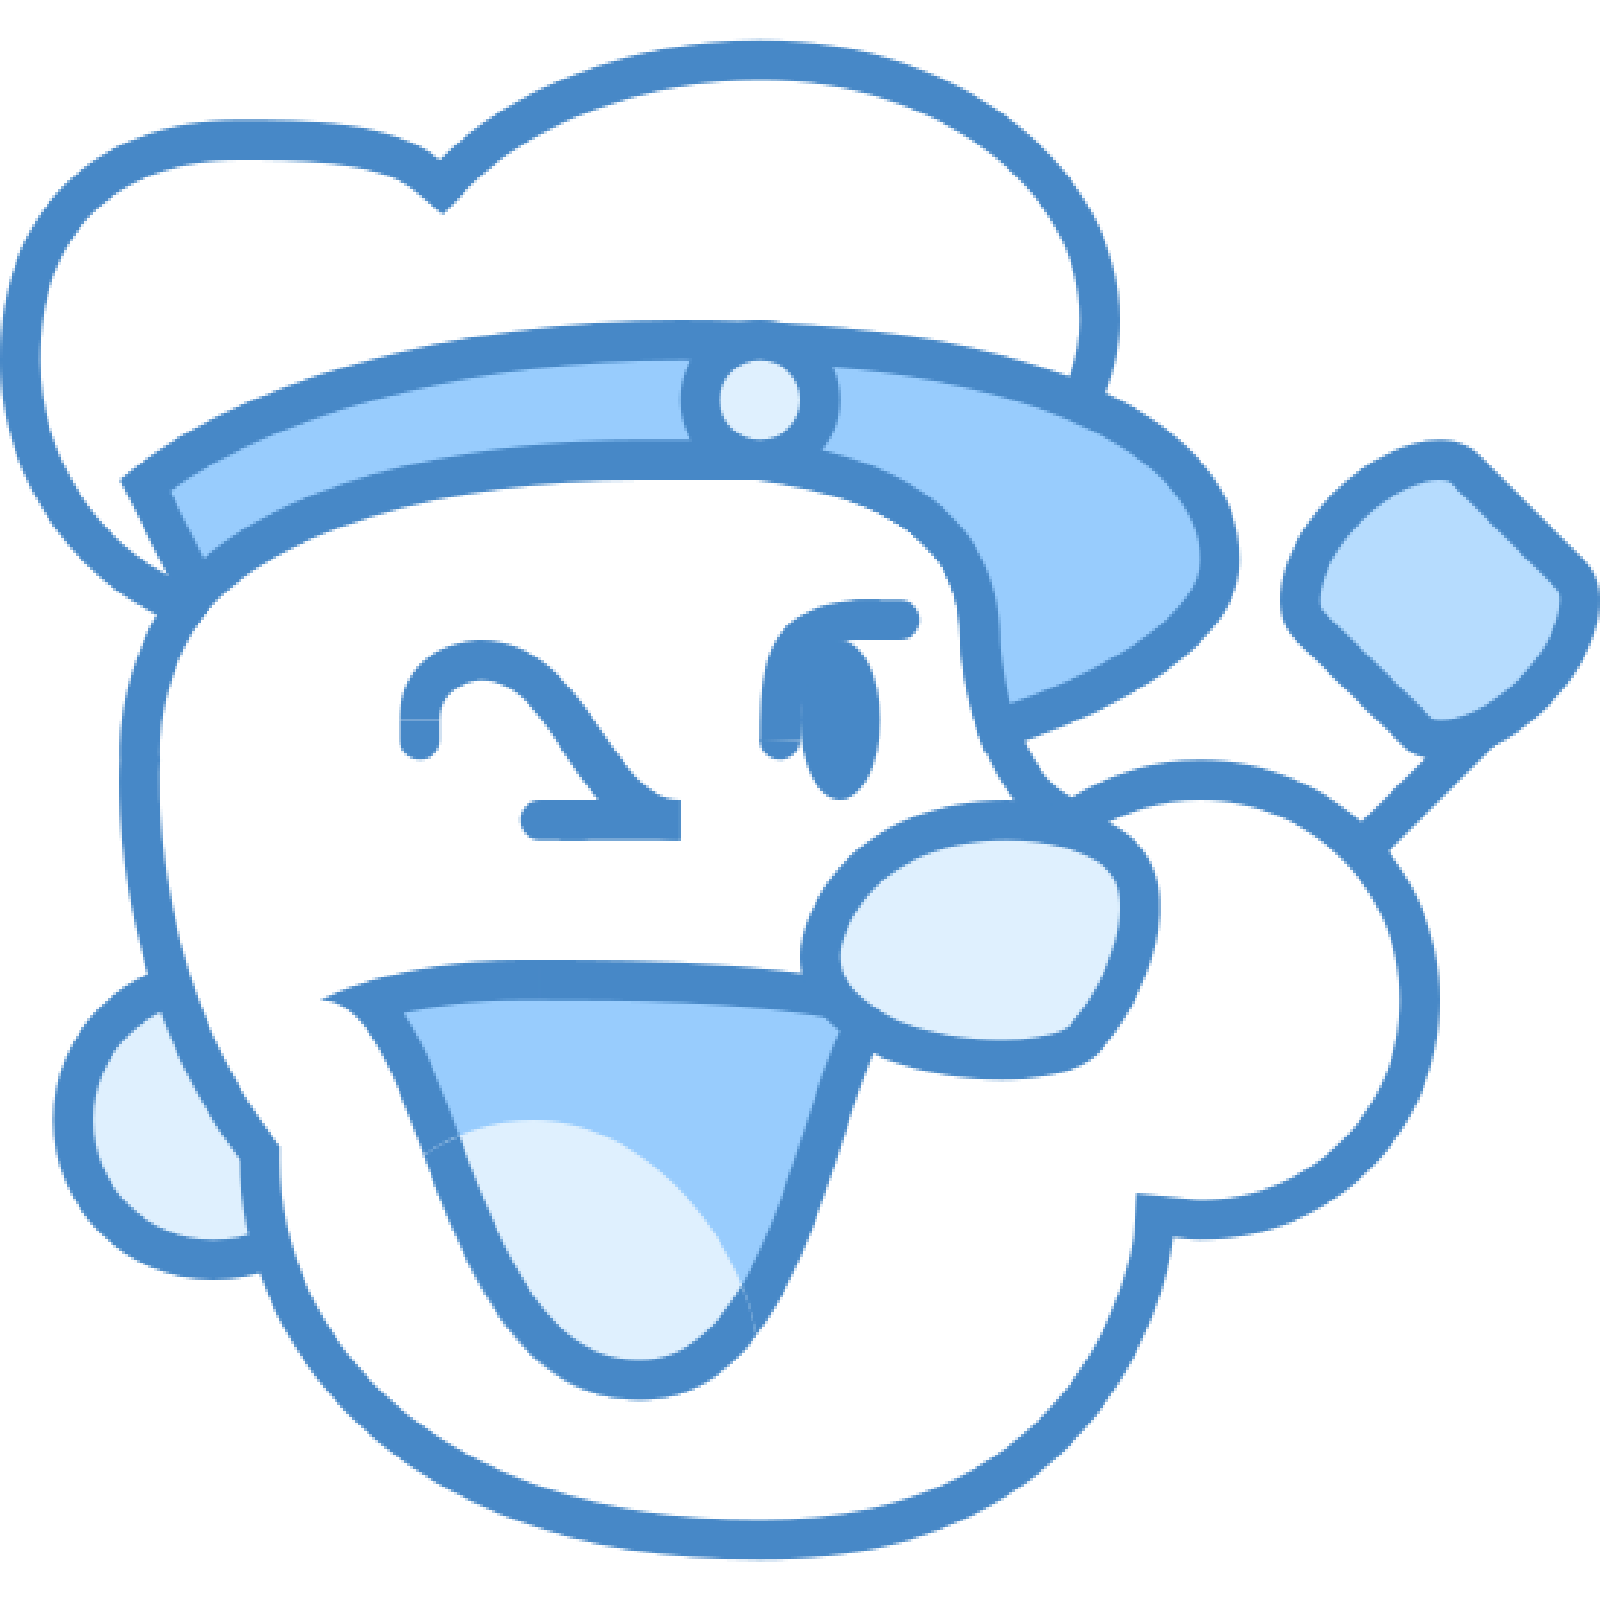 大力水手 icon. It's an icon for the famous cartoon character Popeye. It depicts an outline of his face with his trademark grin and pipe.